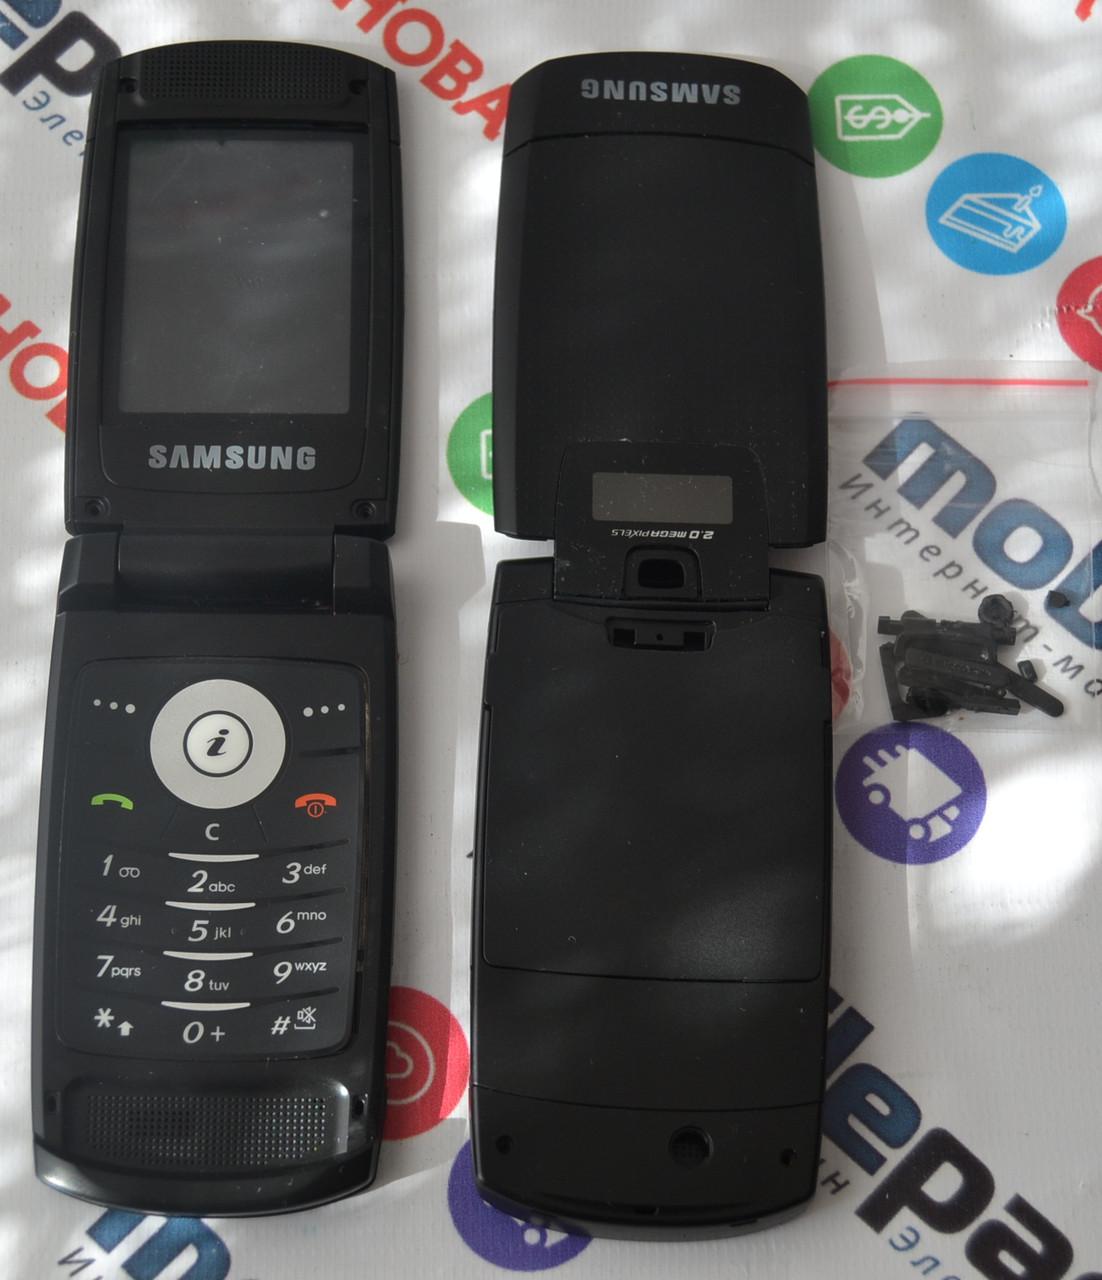 Корпус для телефона Samsung D830 в сборе (Качество ААА) (Черный) Распродажа! b2387493b39e5